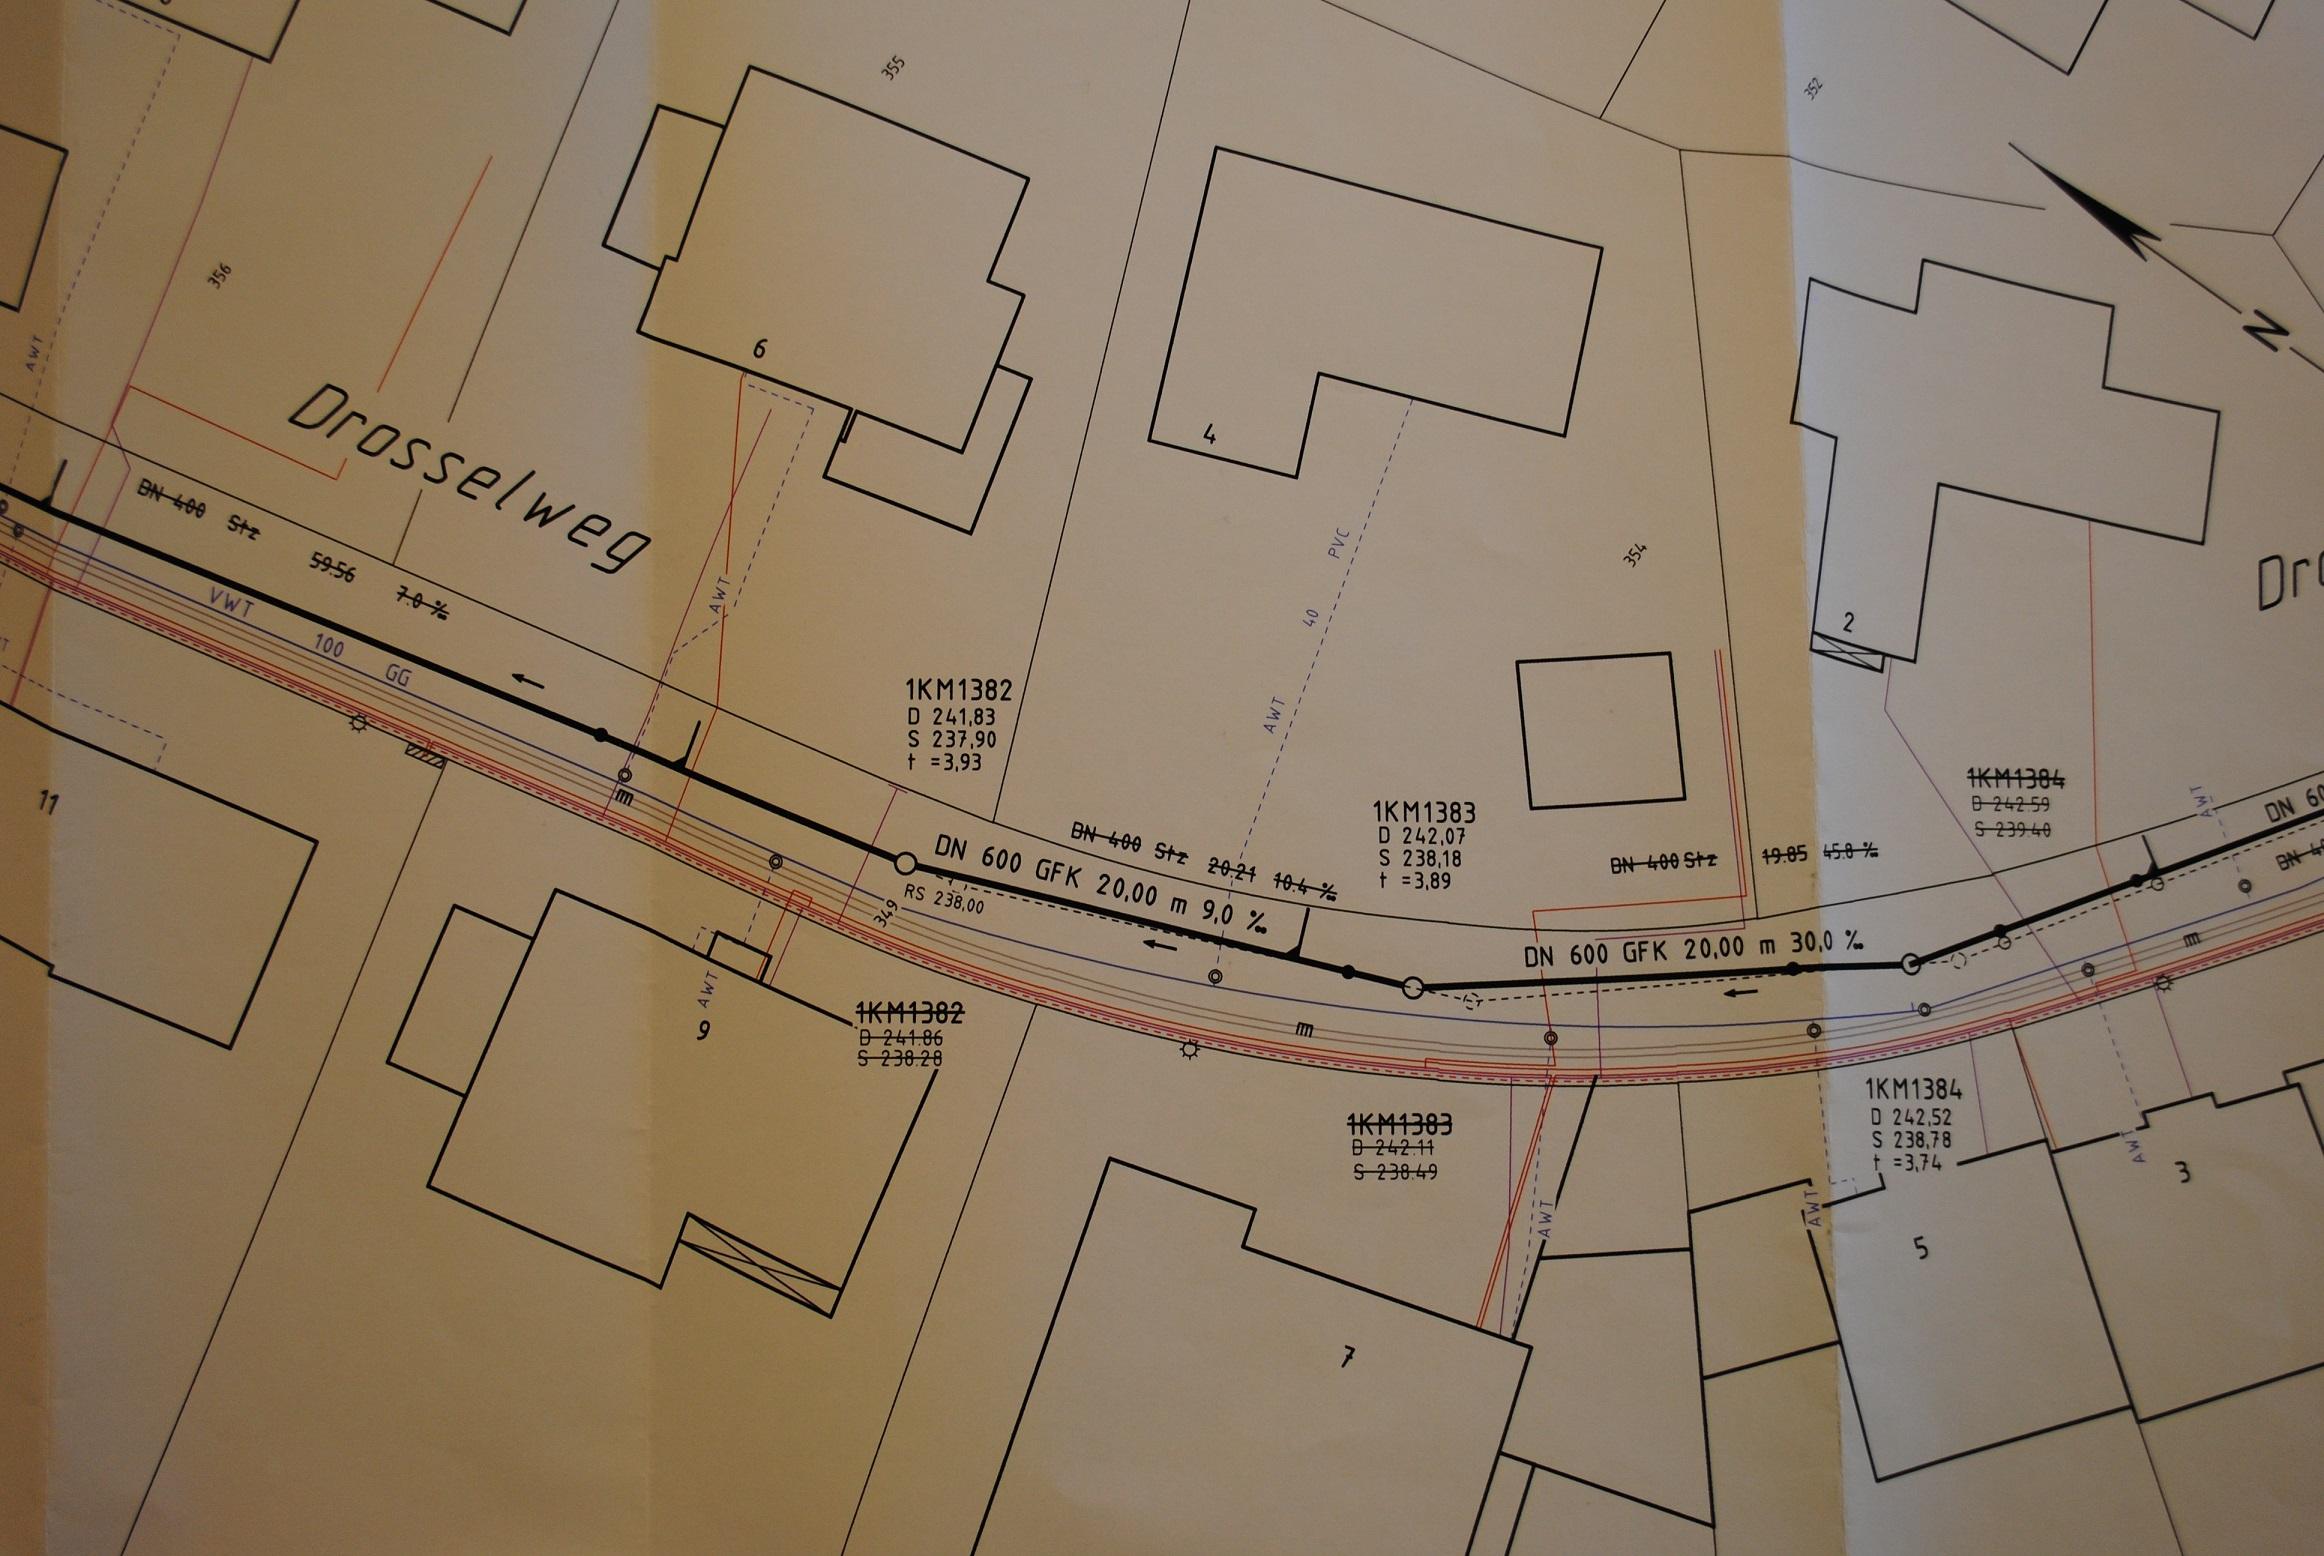 Bild 6: Beispiel Kanalsystem im Drosselweg